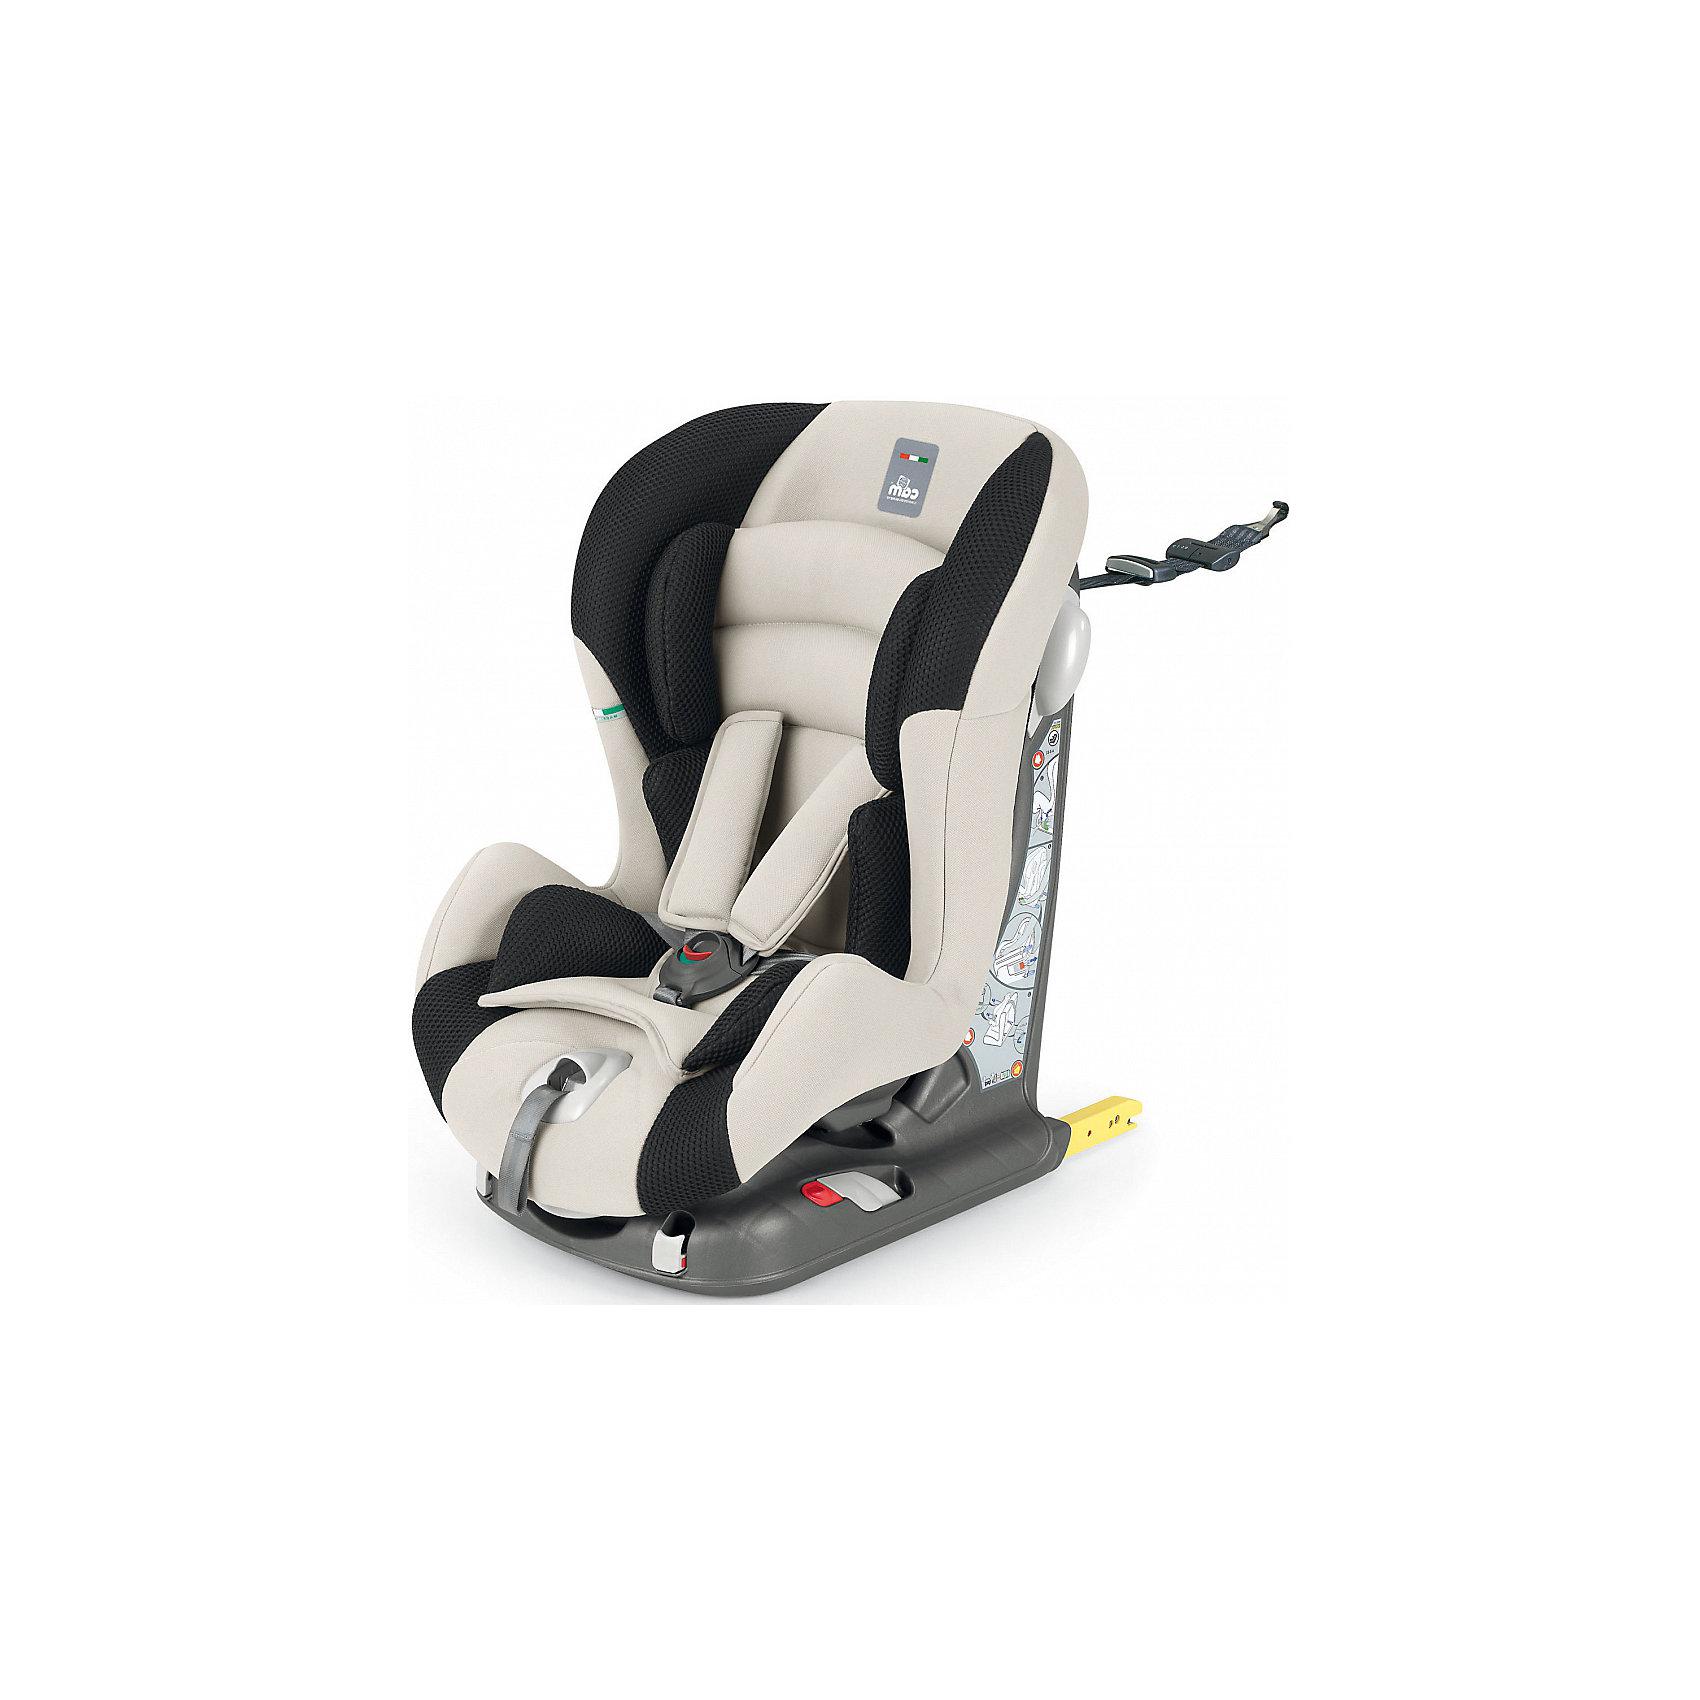 Автокресло CAM Viaggiosicuro Isofix, 9-18кг, беж/черныйГруппа 1 (От 9 до 18 кг)<br>Автокресло Viaggiosicuro Isofix, CAM - комфортная надежная модель, которая сделает поездку Вашего ребенка приятной и безопасной. Сиденье кресла с анатомическим подголовником обеспечивает комфорт во время длительных поездок. Наклон спинки можно регулировать в 5<br>положениях, что позволяет выбрать наиболее удобное для ребенка. Кресло оснащено регулируемыми 5-точечными ремнями безопасности с мягкими плечевыми накладками и ремешком между ножек. Усиленная боковая защита убережёт ребёнка от серьезных травм. <br><br>Автокресло устанавливается лицом вперед, по ходу движения автомобиля с помощью штатных ремней безопасности или с помощью универсальных креплений Isofix (желтые соединительные элементы в задней части кресла) и фиксатора Top tether (расположен в верхней части<br>автокресла). Имеются индикаторы правильной установки кресла. Обивка кресла изготовлена из высококачественных материалов, тканевые гипоаллергенные чехлы снимаются для чистки или стирки при t 30°C. Автокресло имеет стандарт безопасности ECE R 44/04. Рассчитано на детей<br>от 9 мес. до 4 лет, весом 9-18 кг.<br><br><br>Дополнительная информация:<br><br>- Цвет: беж/черный. <br>- Материал: текстиль, пластик, металл.<br>- Возраст: 9 мес. - 4 года (9-18 кг.)<br>- Размер: 44 х 53 х 64 см. <br>- Вес: 10,4 кг.<br><br>Автокресло Viaggiosicuro Isofix, 9-18 кг., CAM, беж/черный, можно купить в нашем интернет-магазине.<br><br>Ширина мм: 385<br>Глубина мм: 345<br>Высота мм: 415<br>Вес г: 11760<br>Возраст от месяцев: 9<br>Возраст до месяцев: 36<br>Пол: Унисекс<br>Возраст: Детский<br>SKU: 4761360